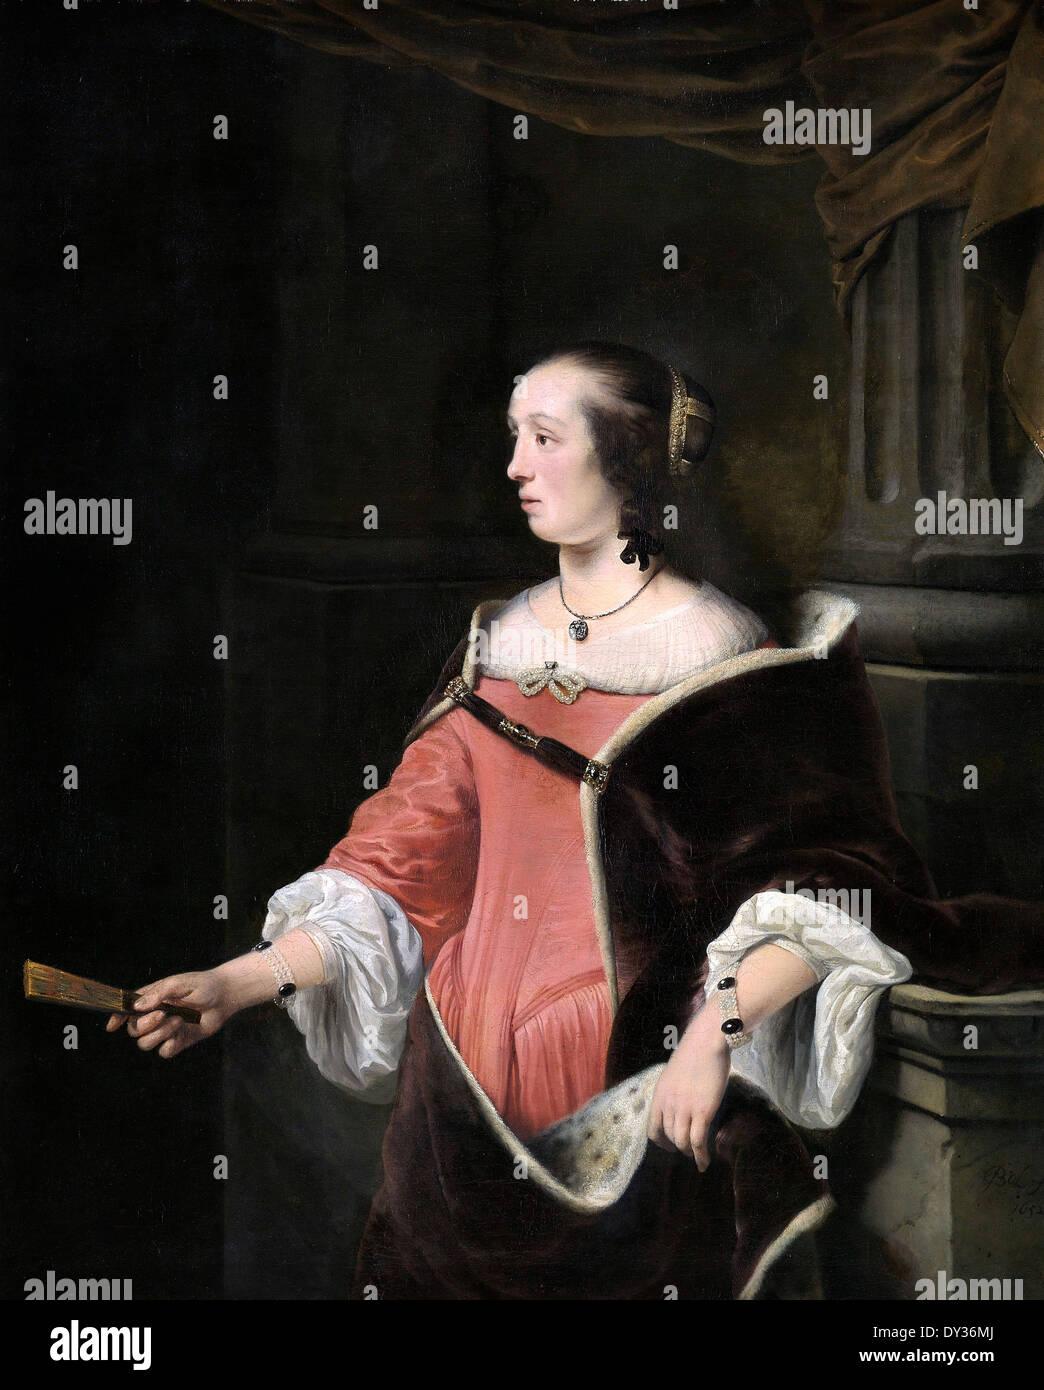 Ferdinand Bol, Portrait d'une femme 1652 Huile sur toile. Le Musée Boijmans Van Beuningen, Rotterdam, Pays-Bas. Photo Stock